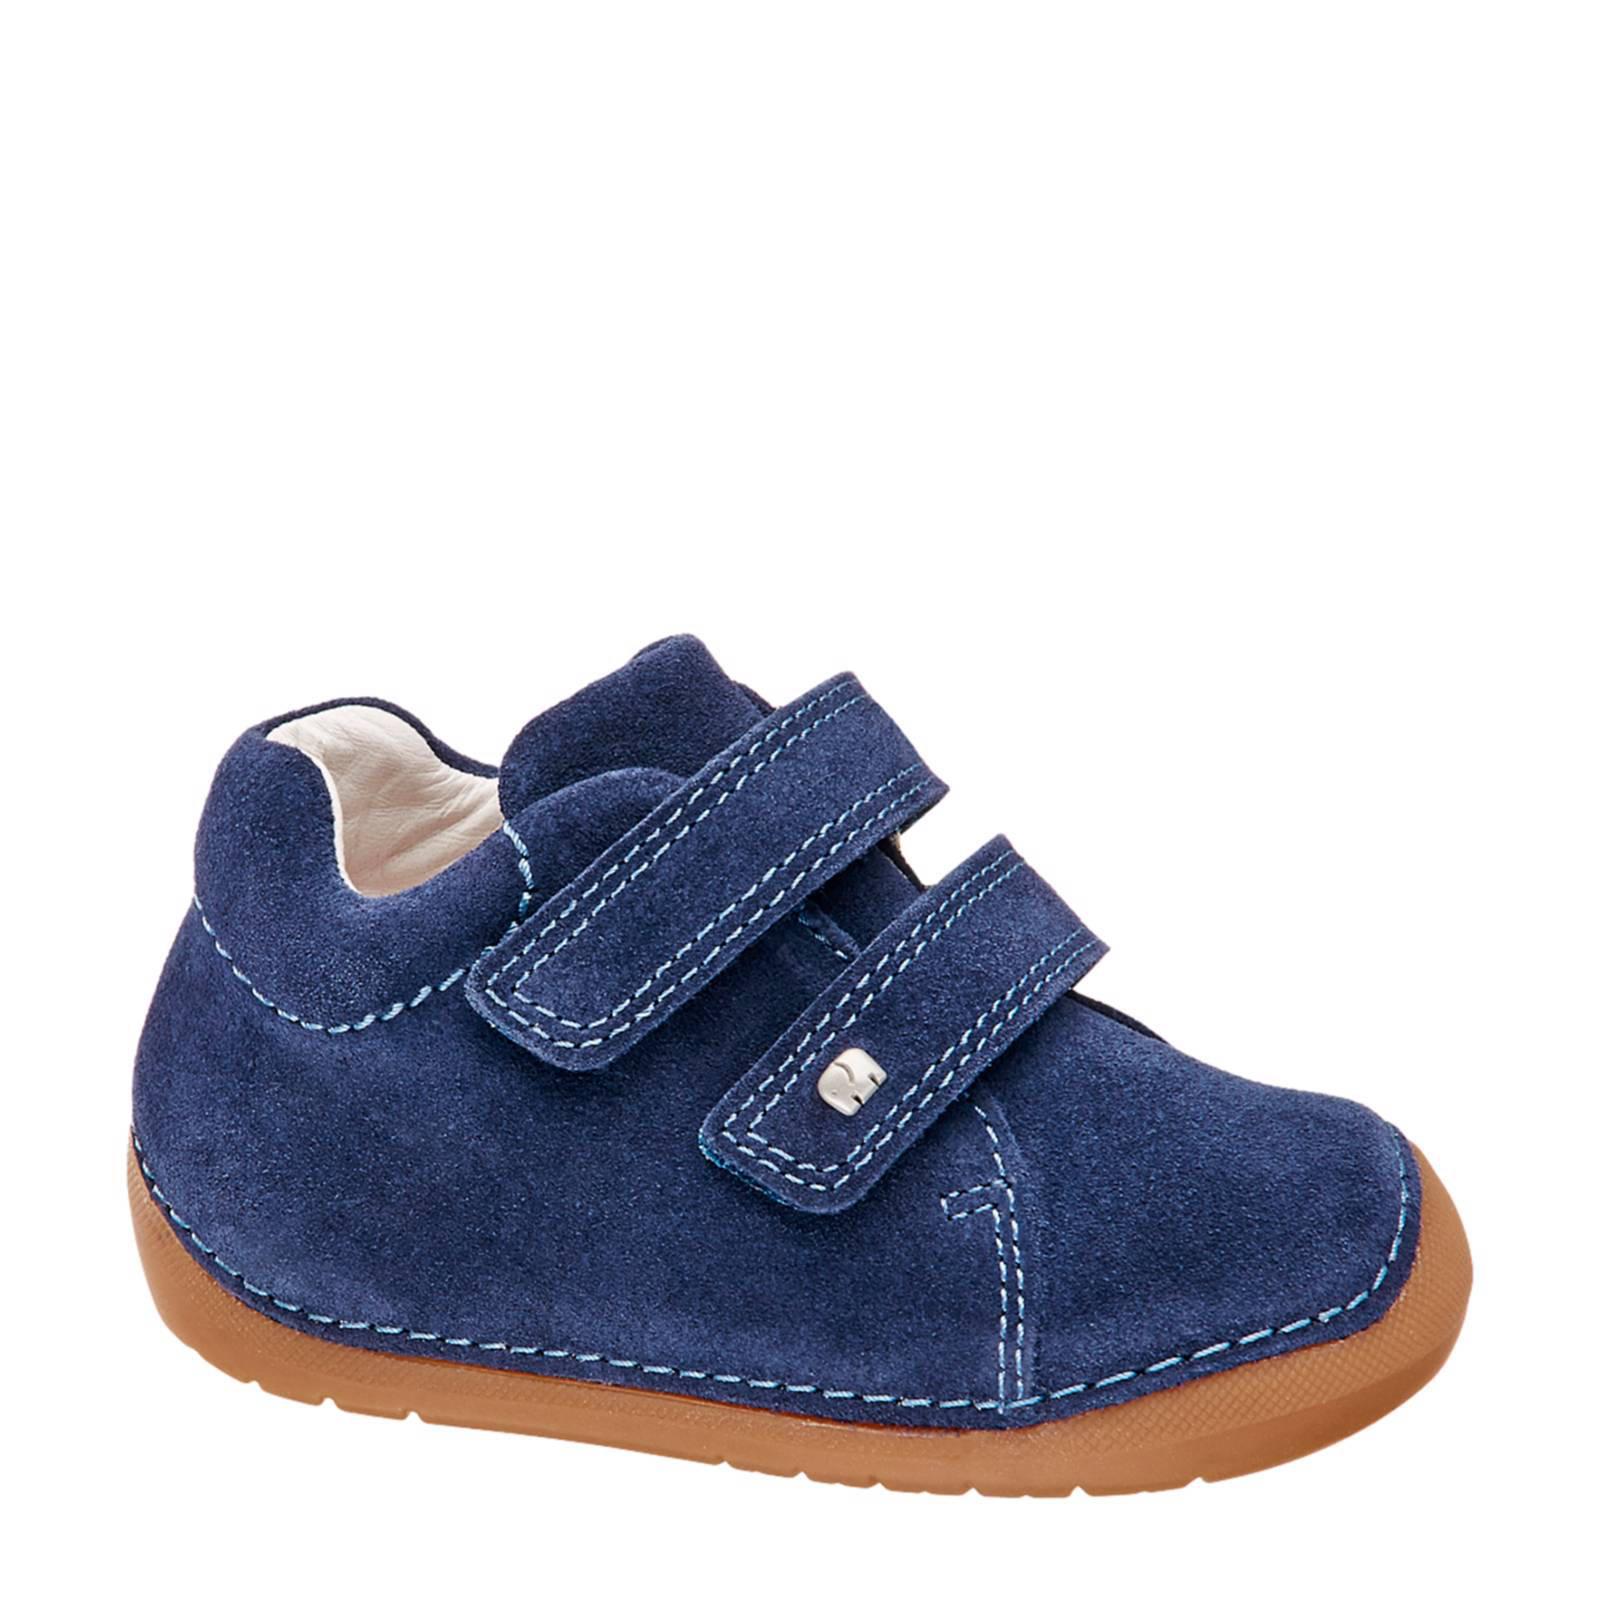 vanHaren - Elefanten suède sneakers donkerblauw jongens